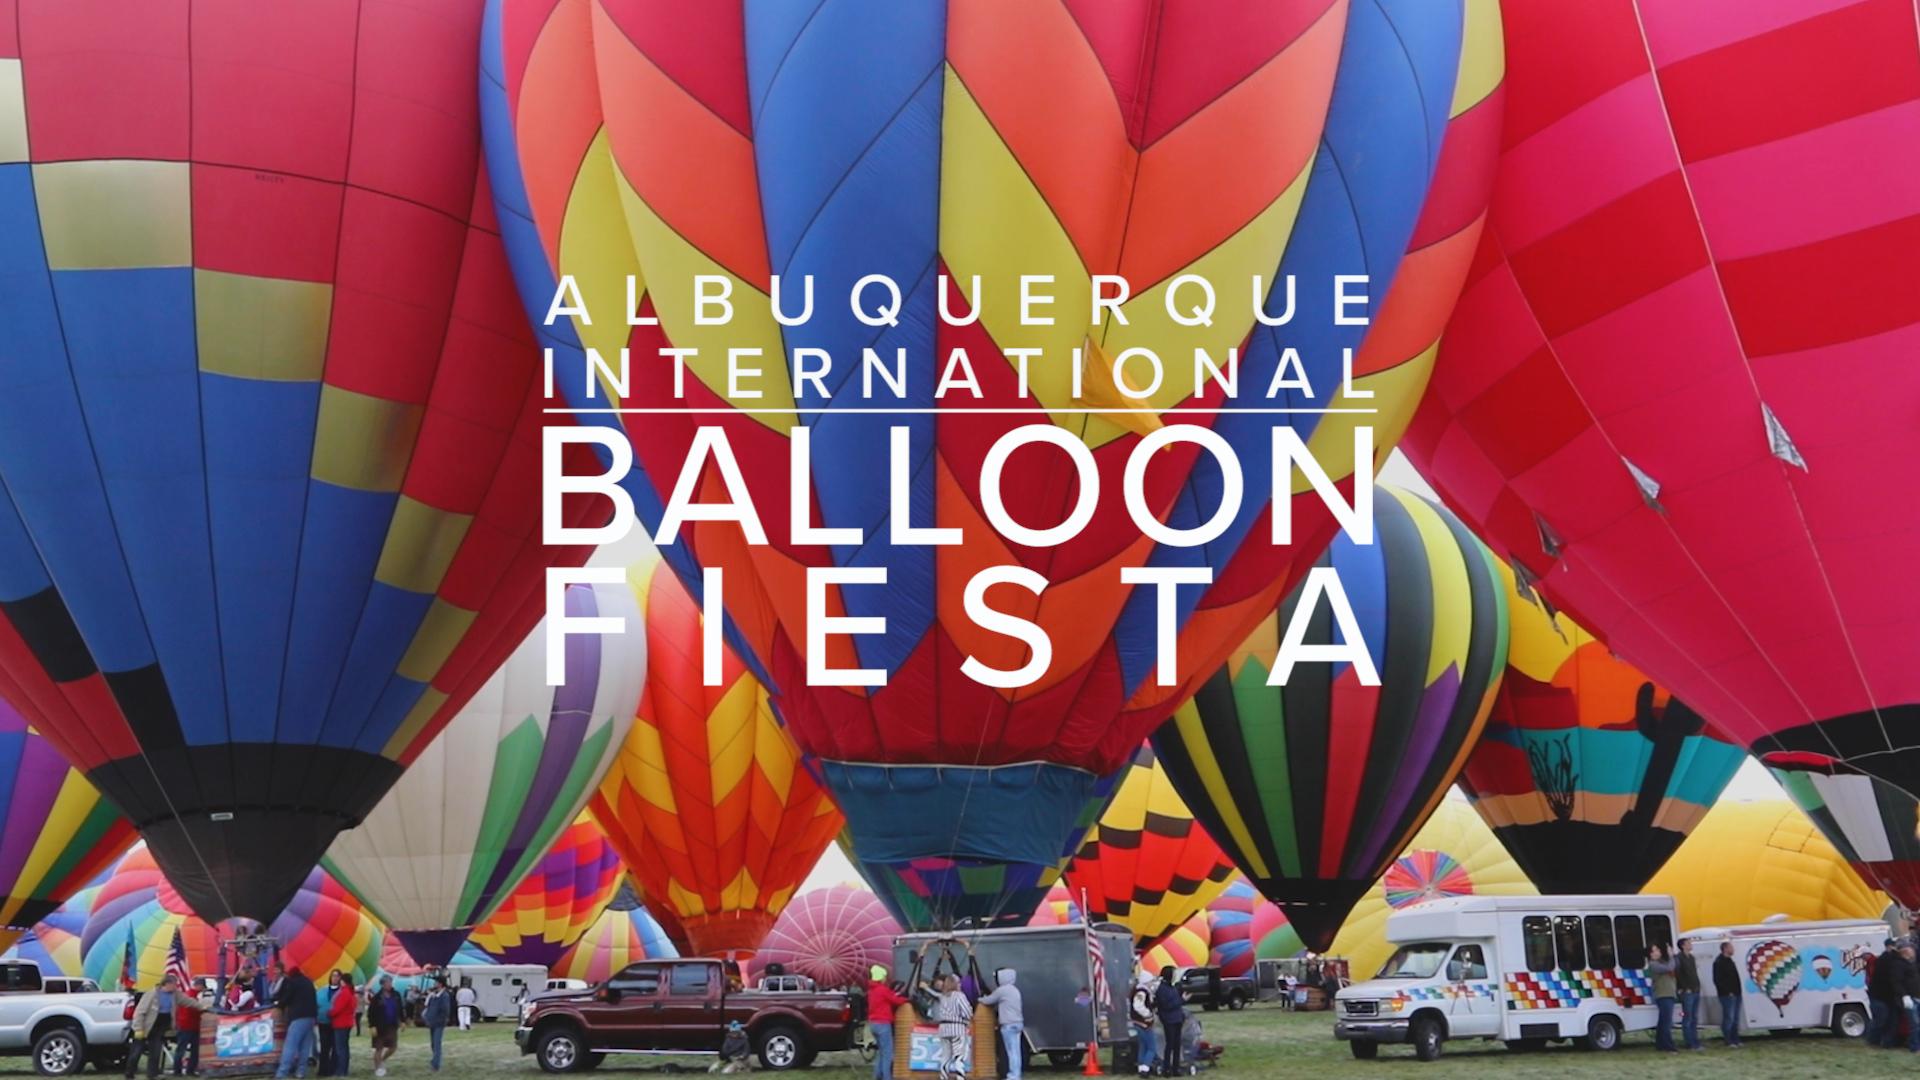 See the Incredible Albuquerque International Balloon Fiesta tumbnail